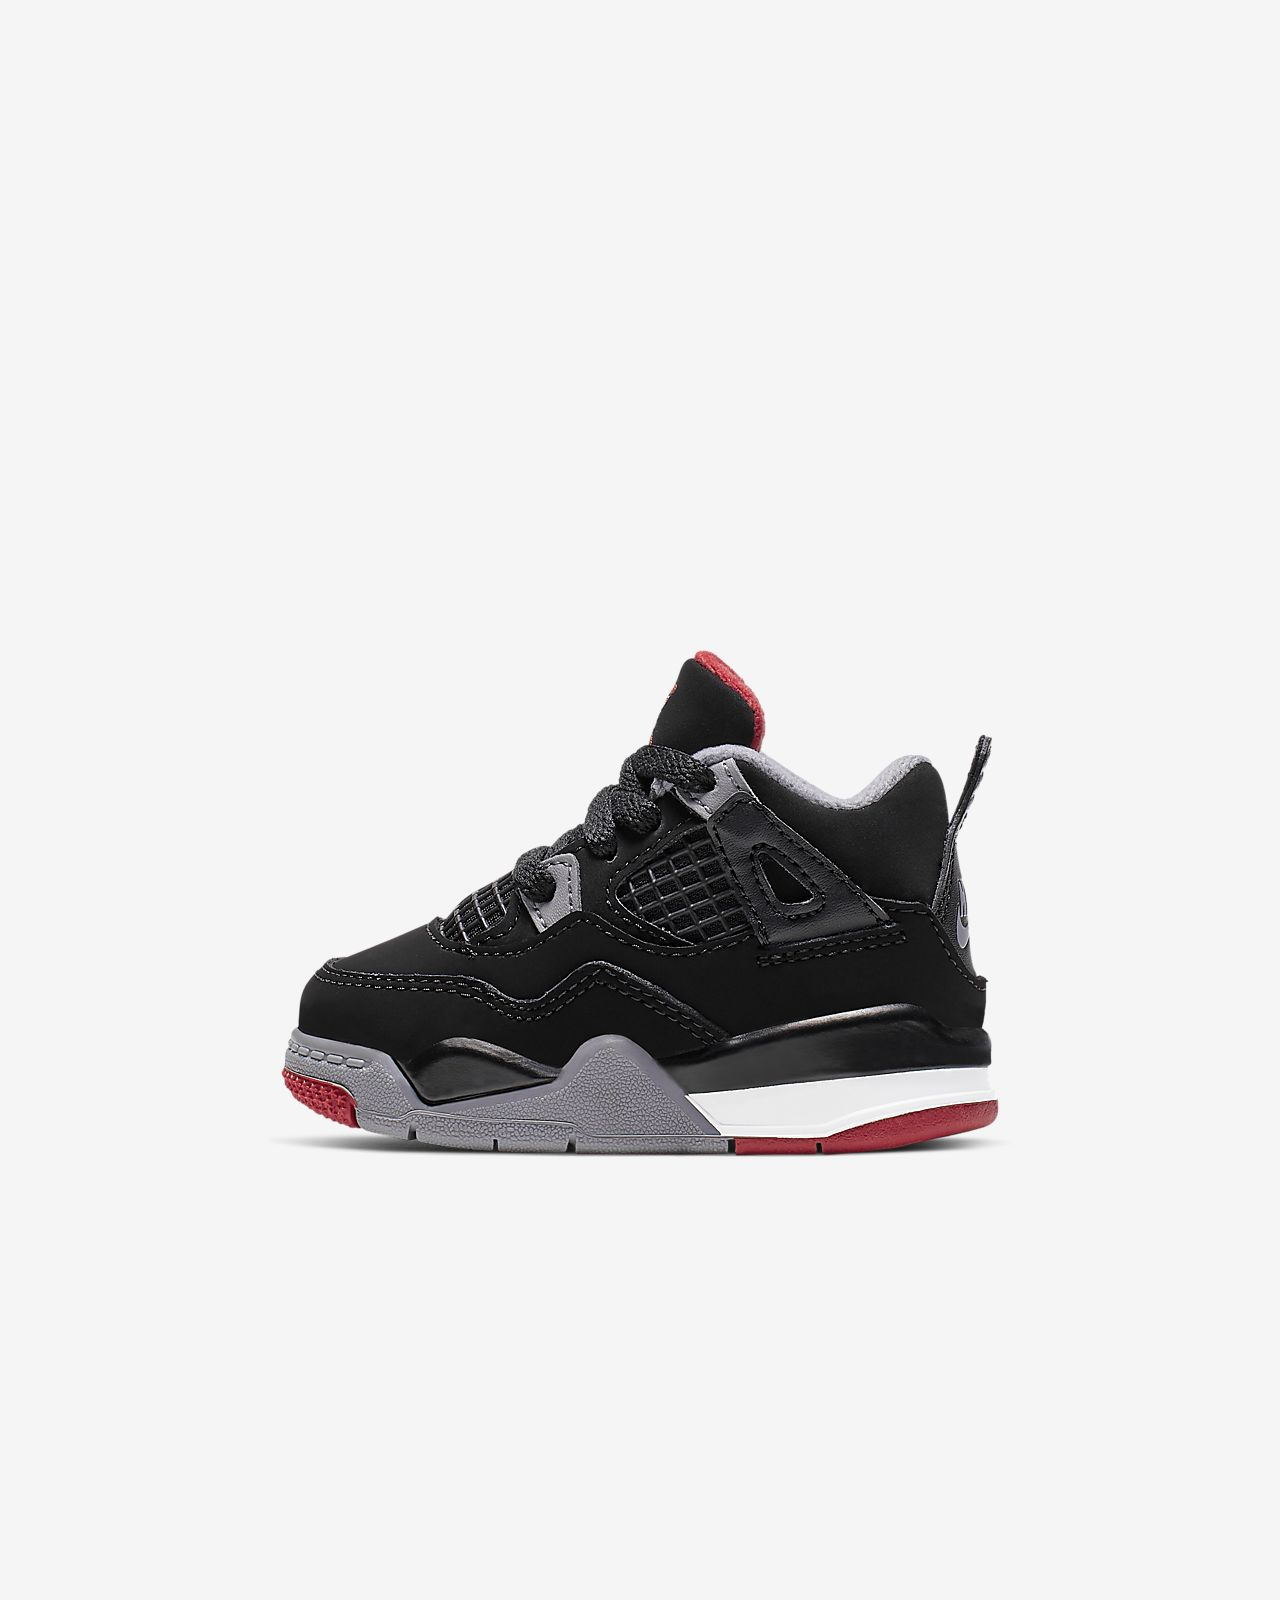 super popular 0e4e4 bf988 ... Chaussure Air Jordan 4 Retro pour Bébé Petit enfant